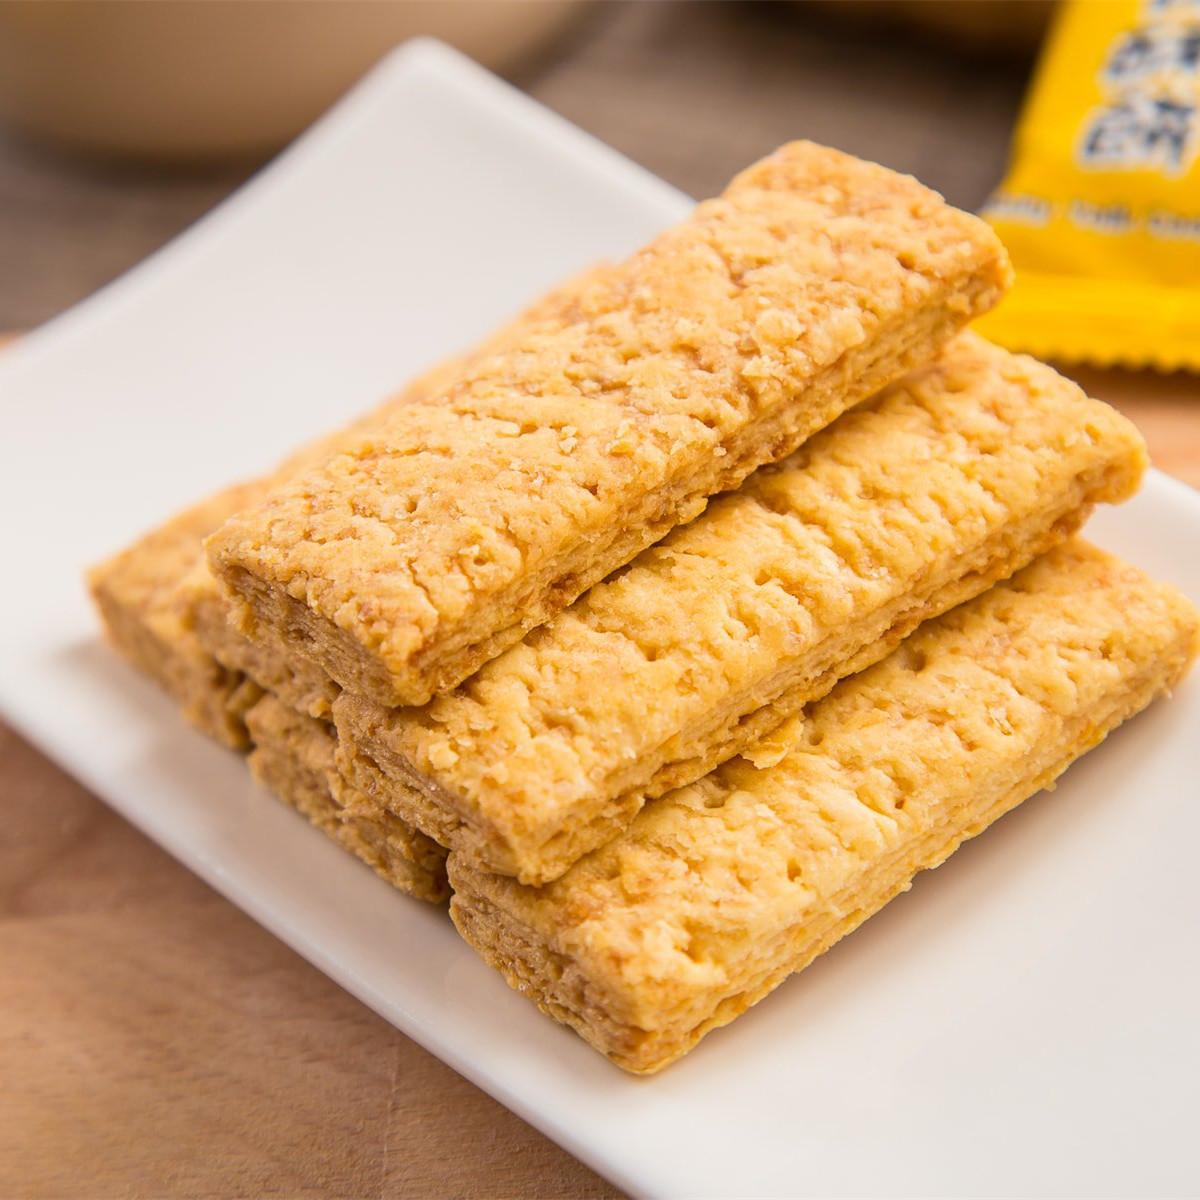 粗粮方块酥办公零食进口食品 咸蛋黄饼干 250g 台湾咸蛋黄酥饼